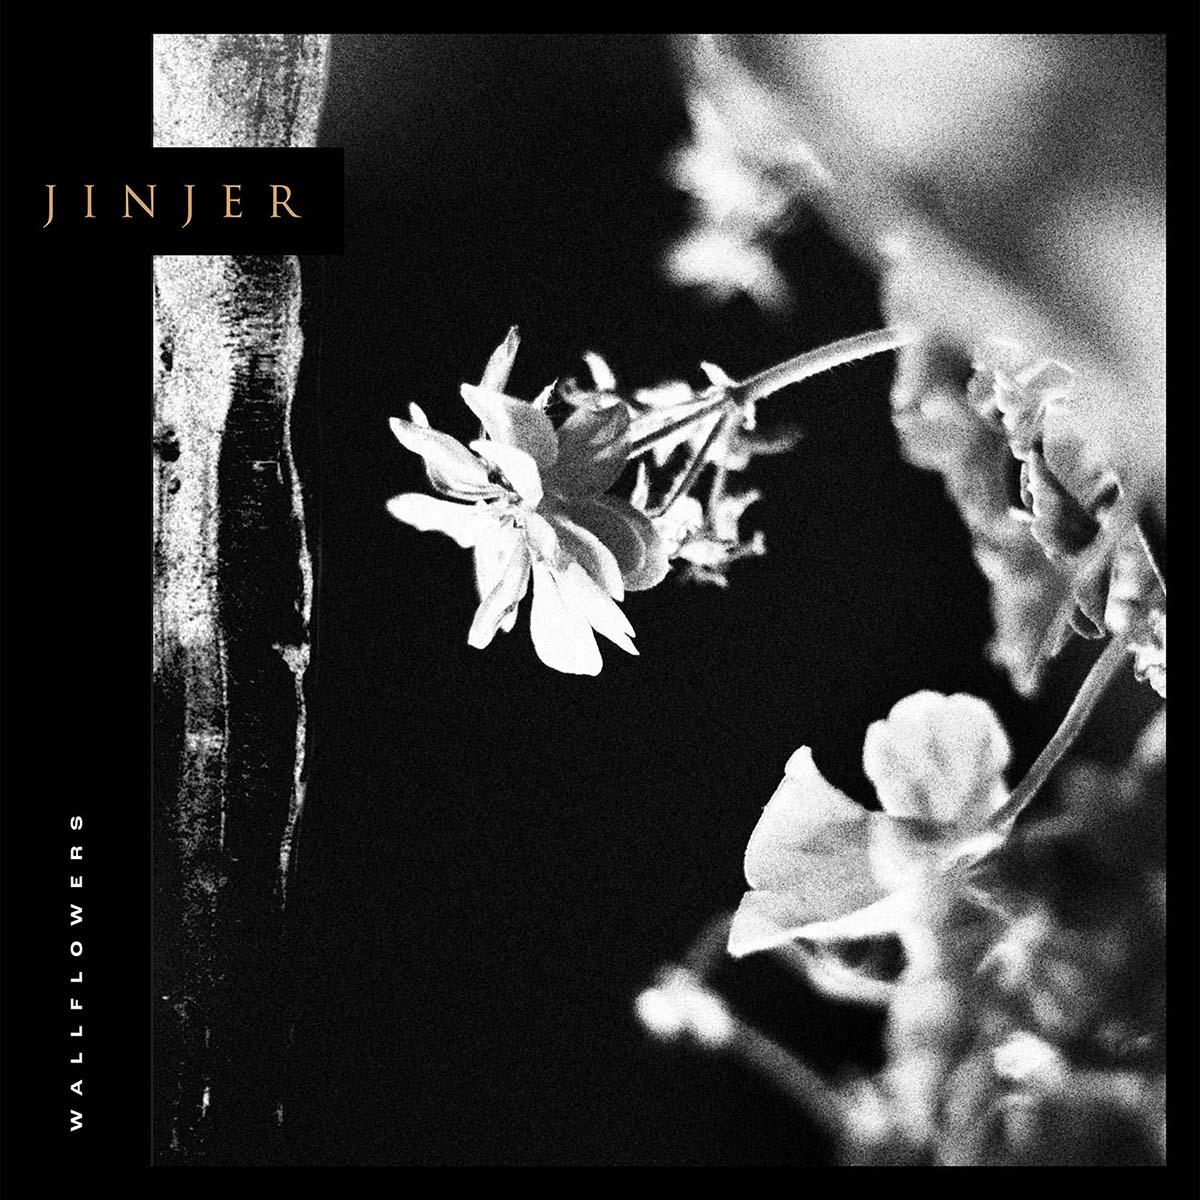 Das Album Wallflowers von Jiner – Artwork